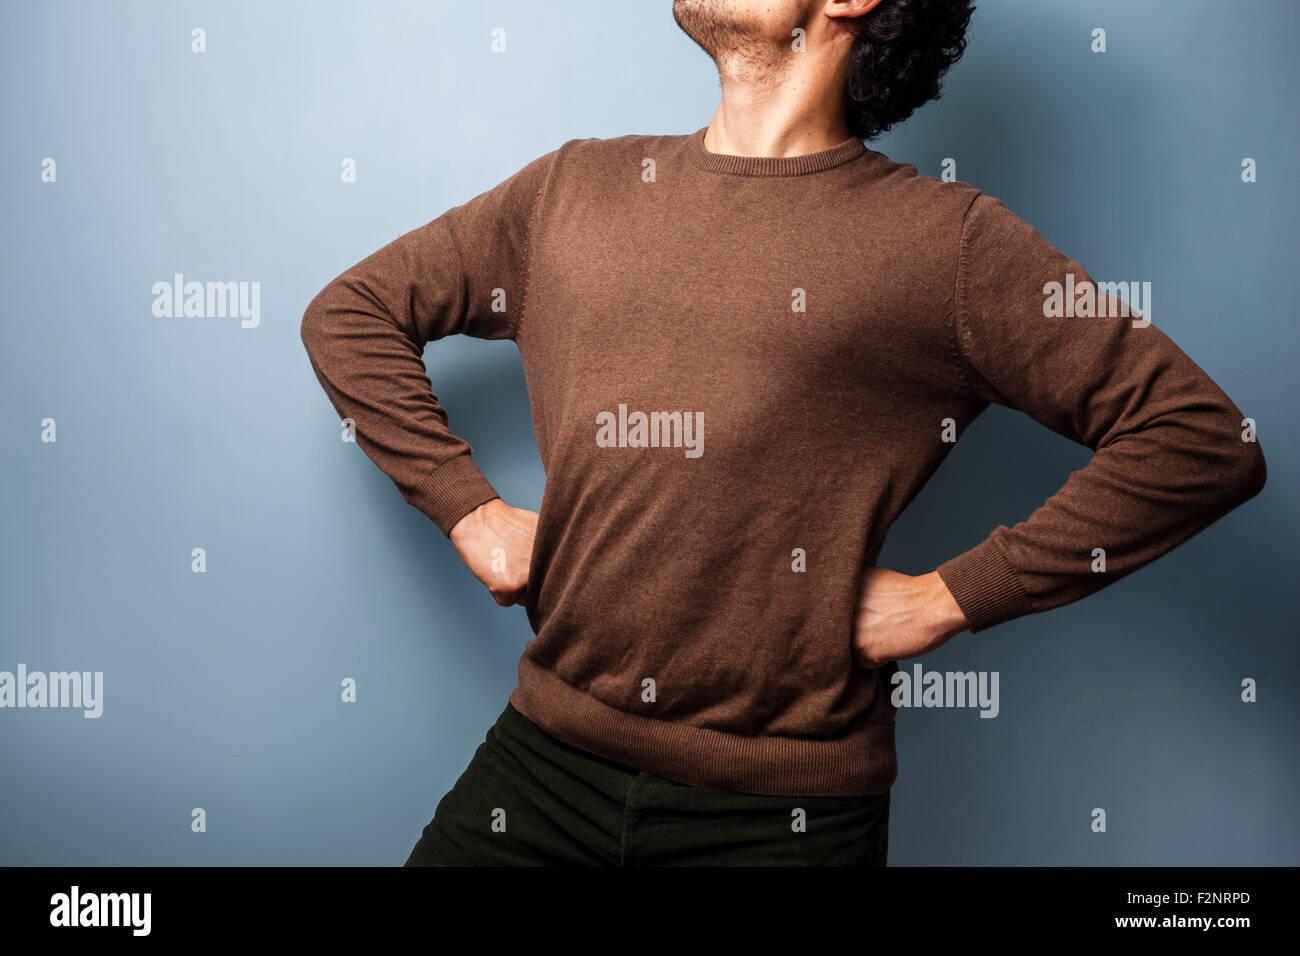 ein anonymen junger Mann steht stolz mit seinen Händen in den Hüften. Stockbild